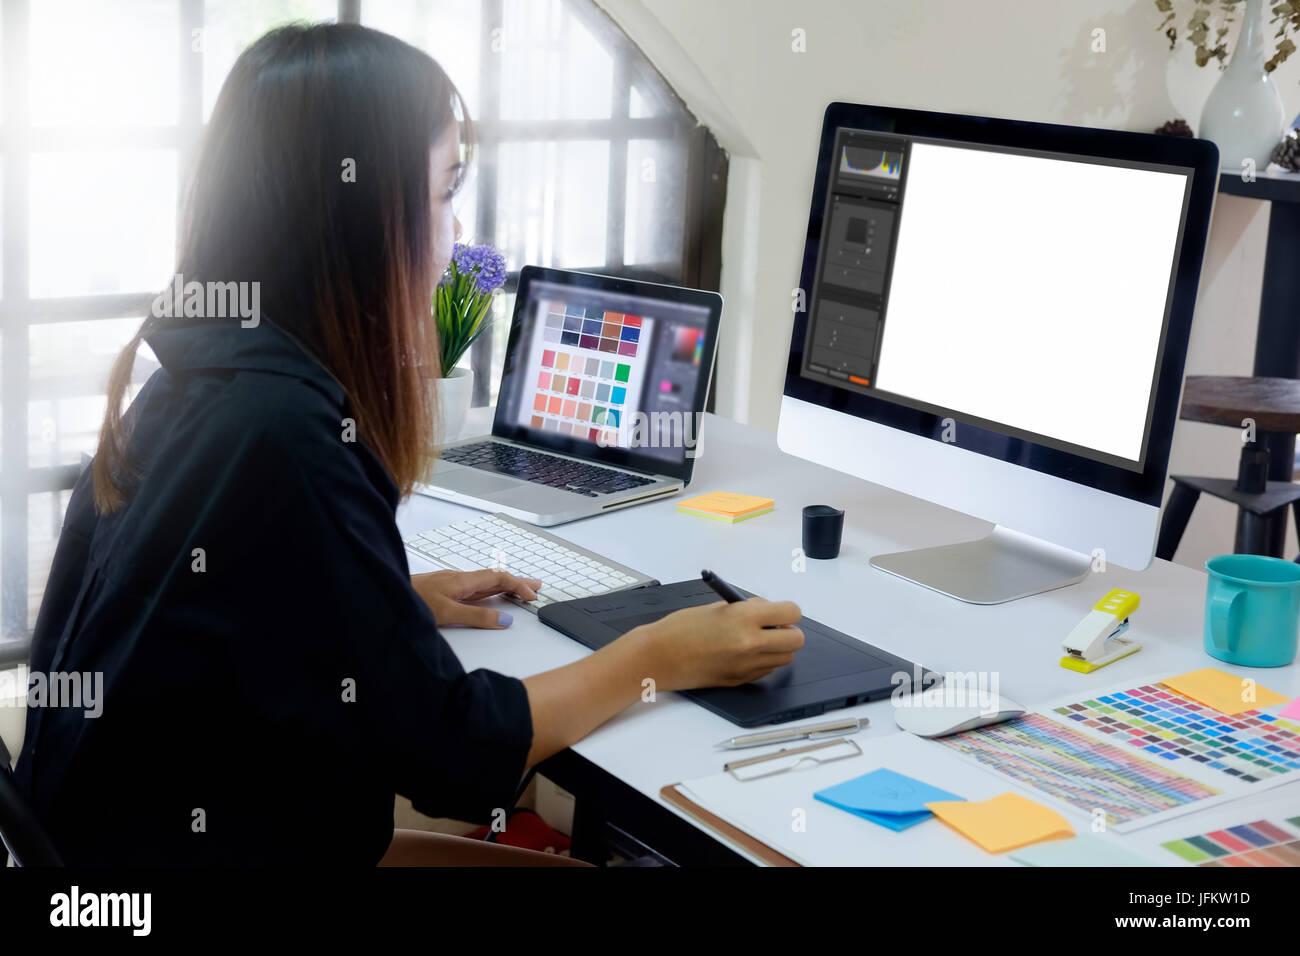 Joven fotógrafo y diseñador gráfico en el trabajo en la oficina. Monitor de pantalla en blanco para la visualización gráfica de montaje. Foto de stock